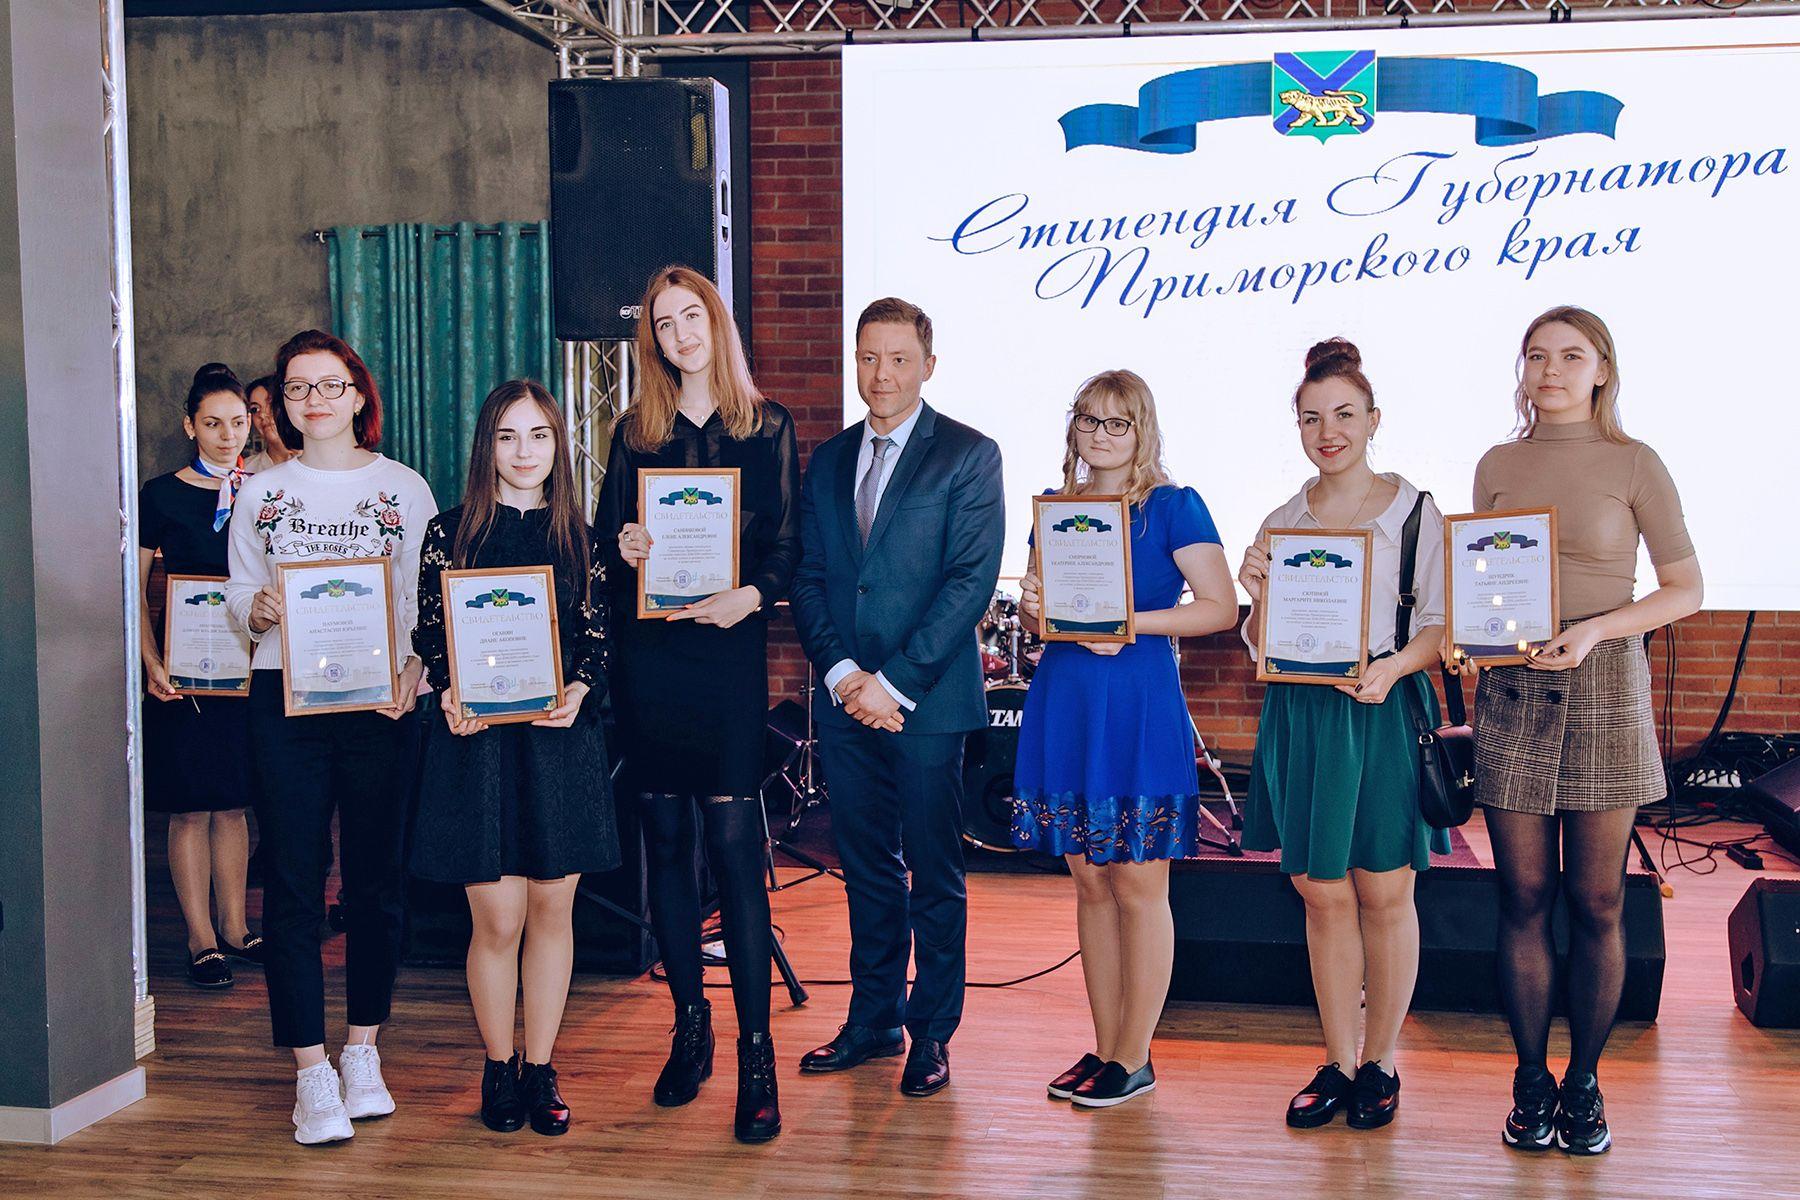 Объявлен прием документов на стипендию Губернатора Приморского края: во ВГУЭС с 21 по 23 сентября